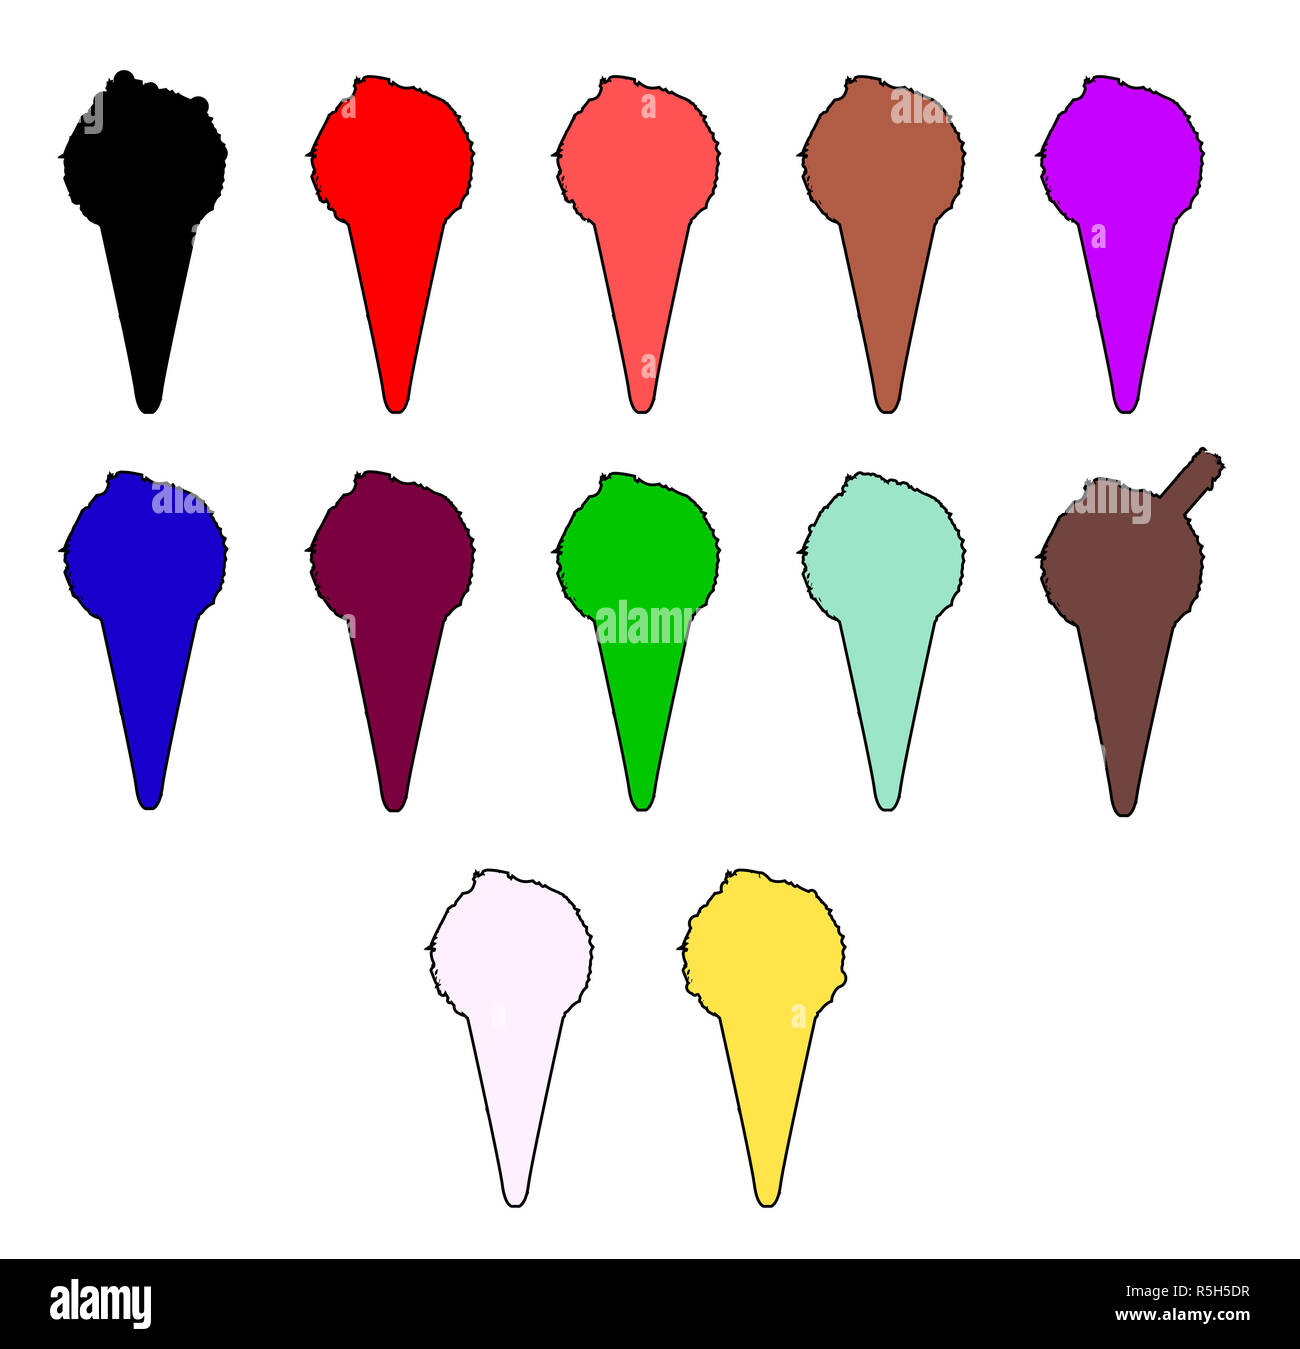 Icecream Cone Icons - Stock Image